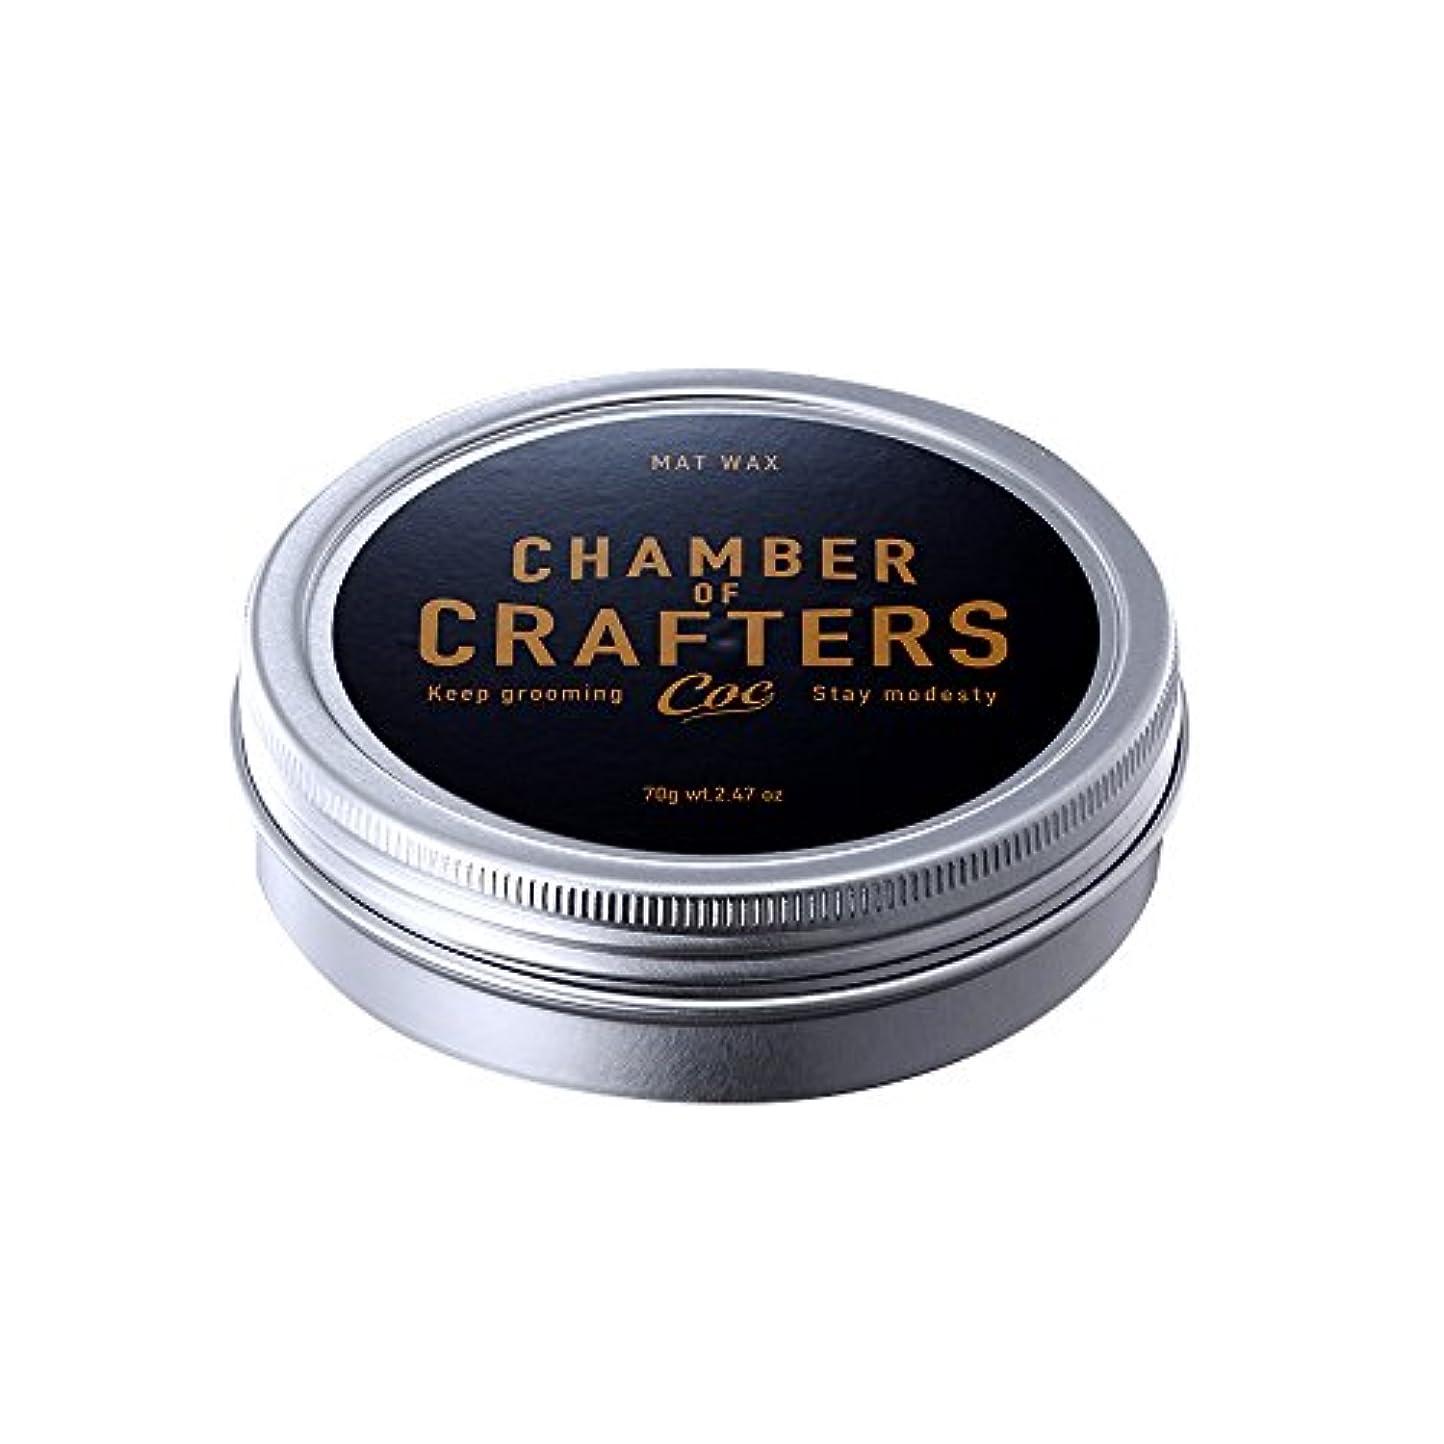 左リーガン宿命CHAMBER OF CRAFTERS チェンバーオブクラフターズ マットワックス 70g シトラスグリーンの香り